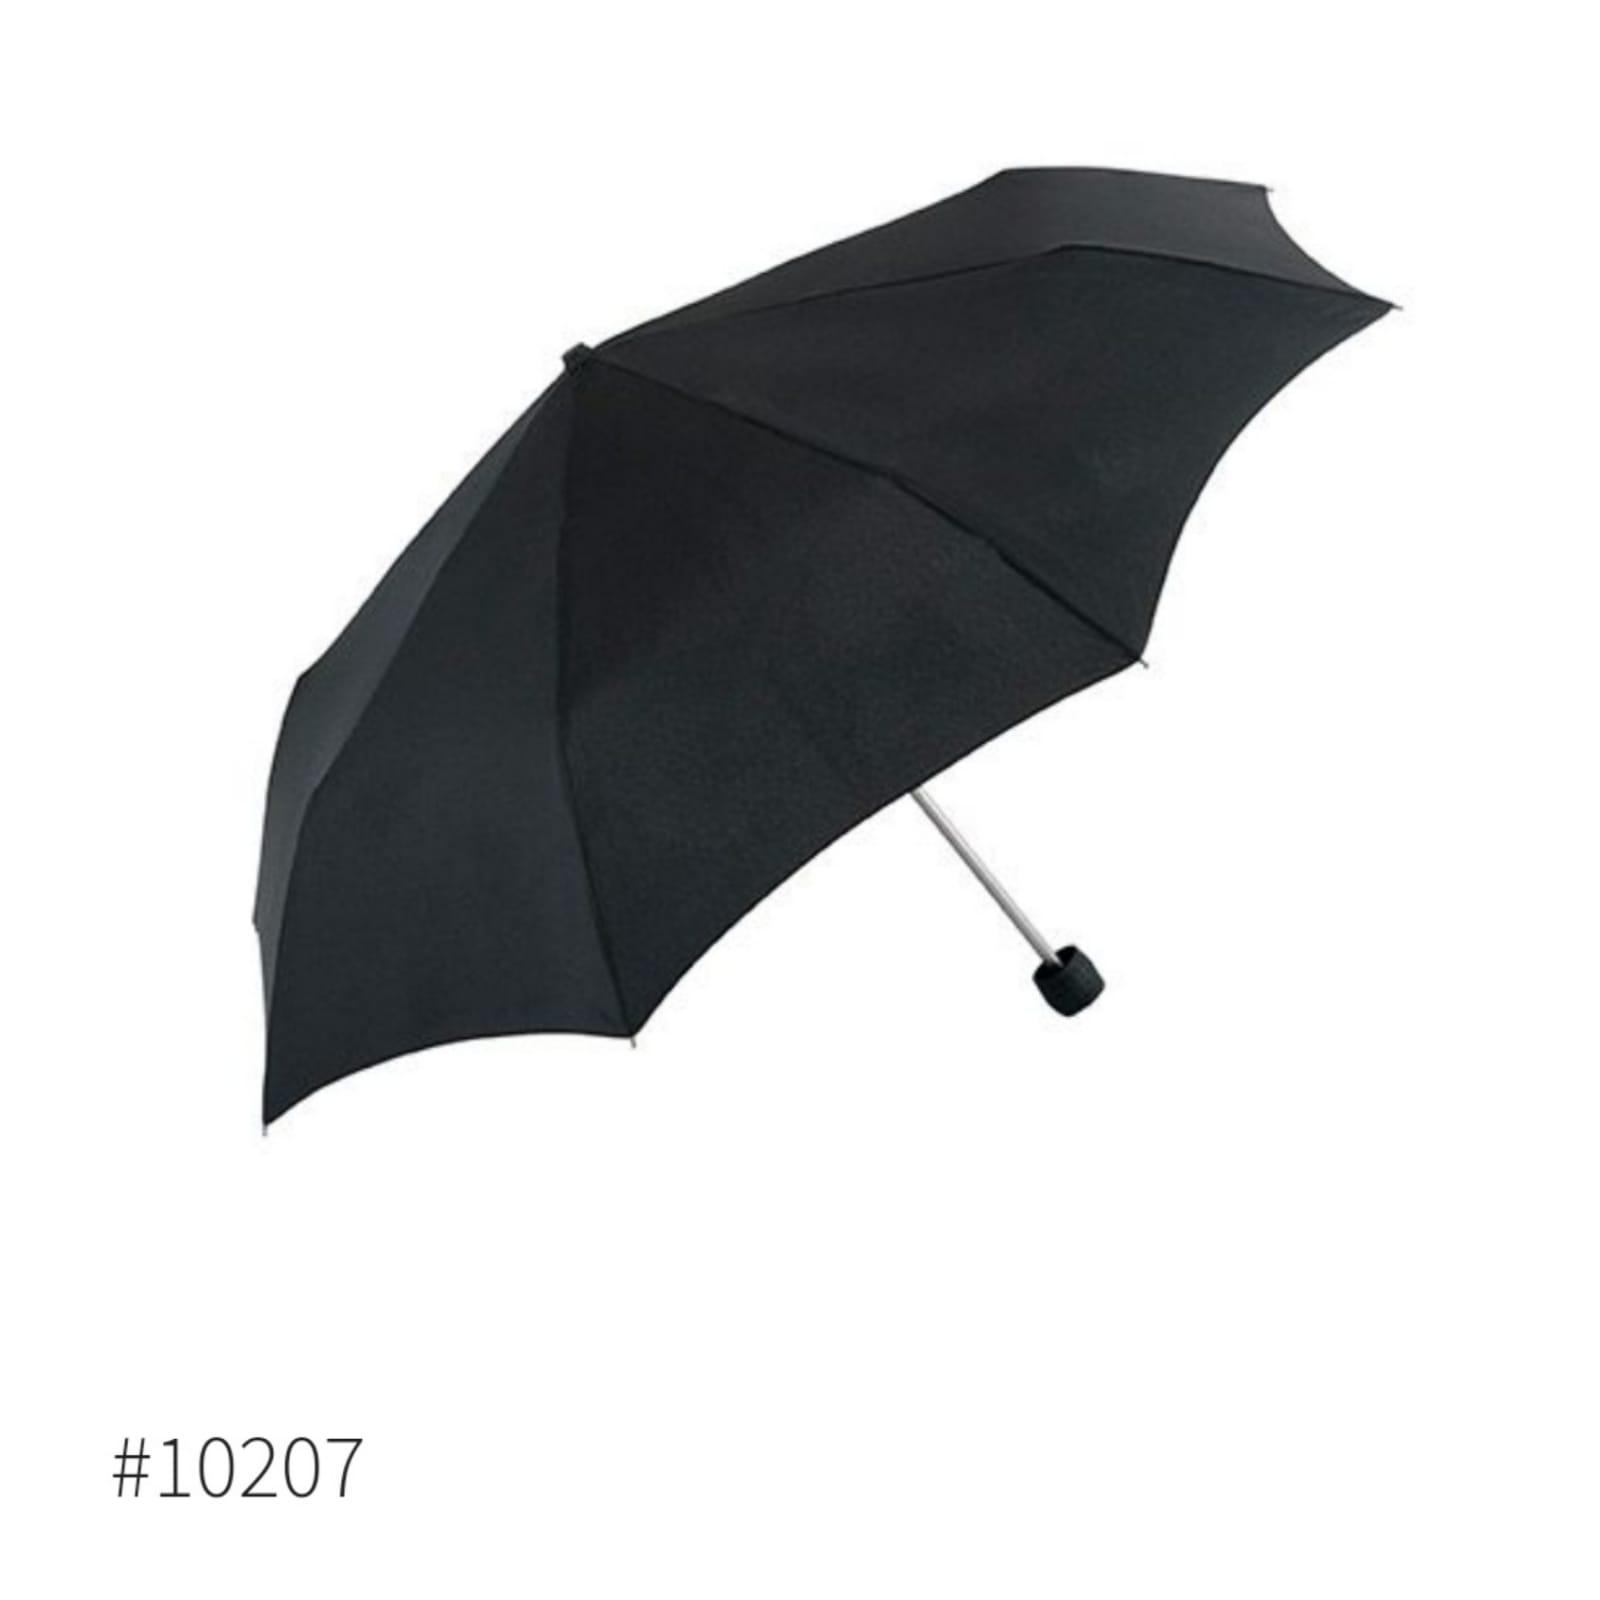 barato mejor valorado estilo distintivo boutique de salida Paraguas plegable hombres *10207